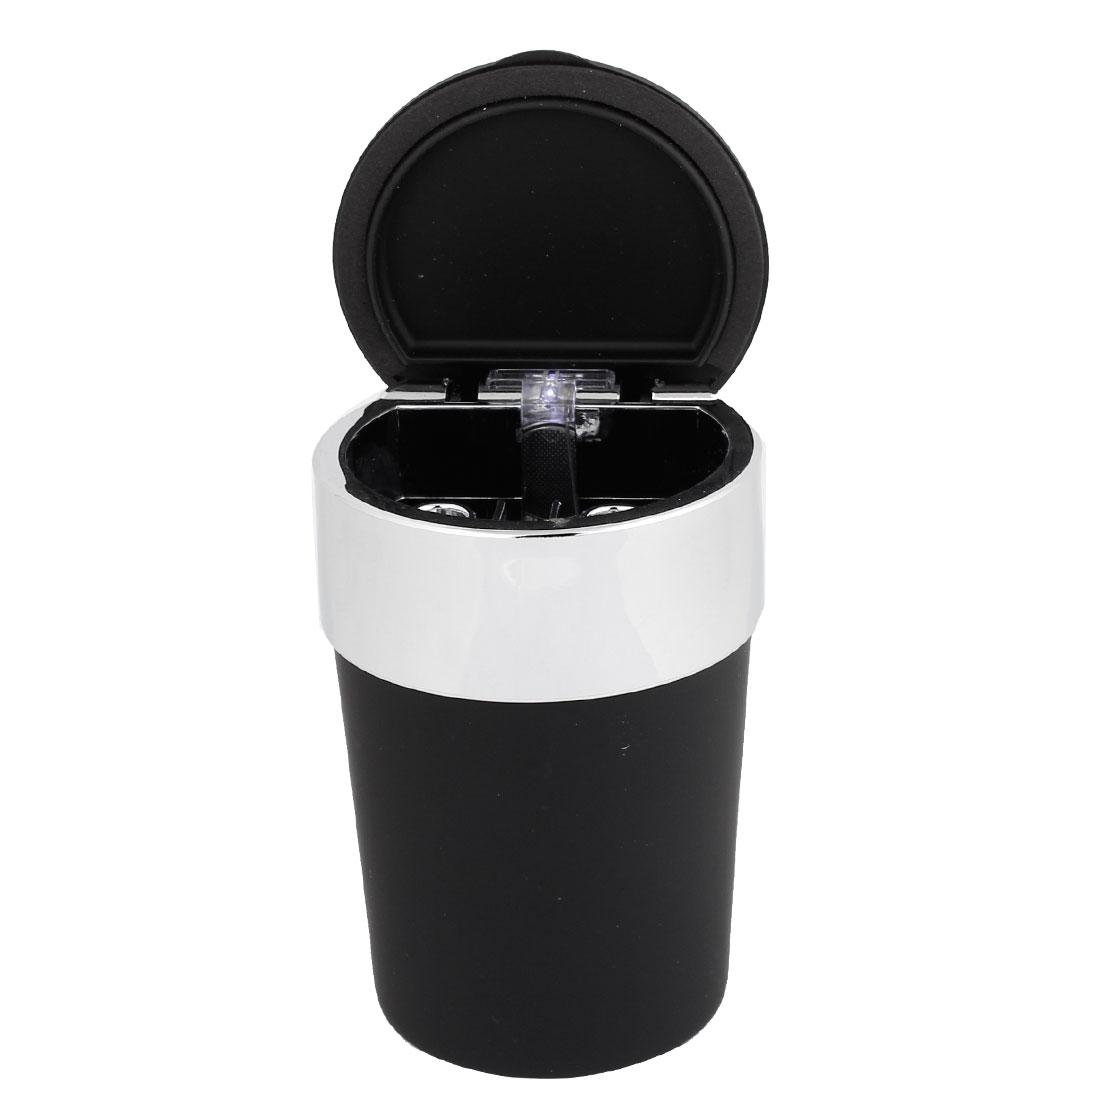 11.5x7.5cm Black Plastic Ash Container Cigarette Ash Case Box Ashtray for Car Home